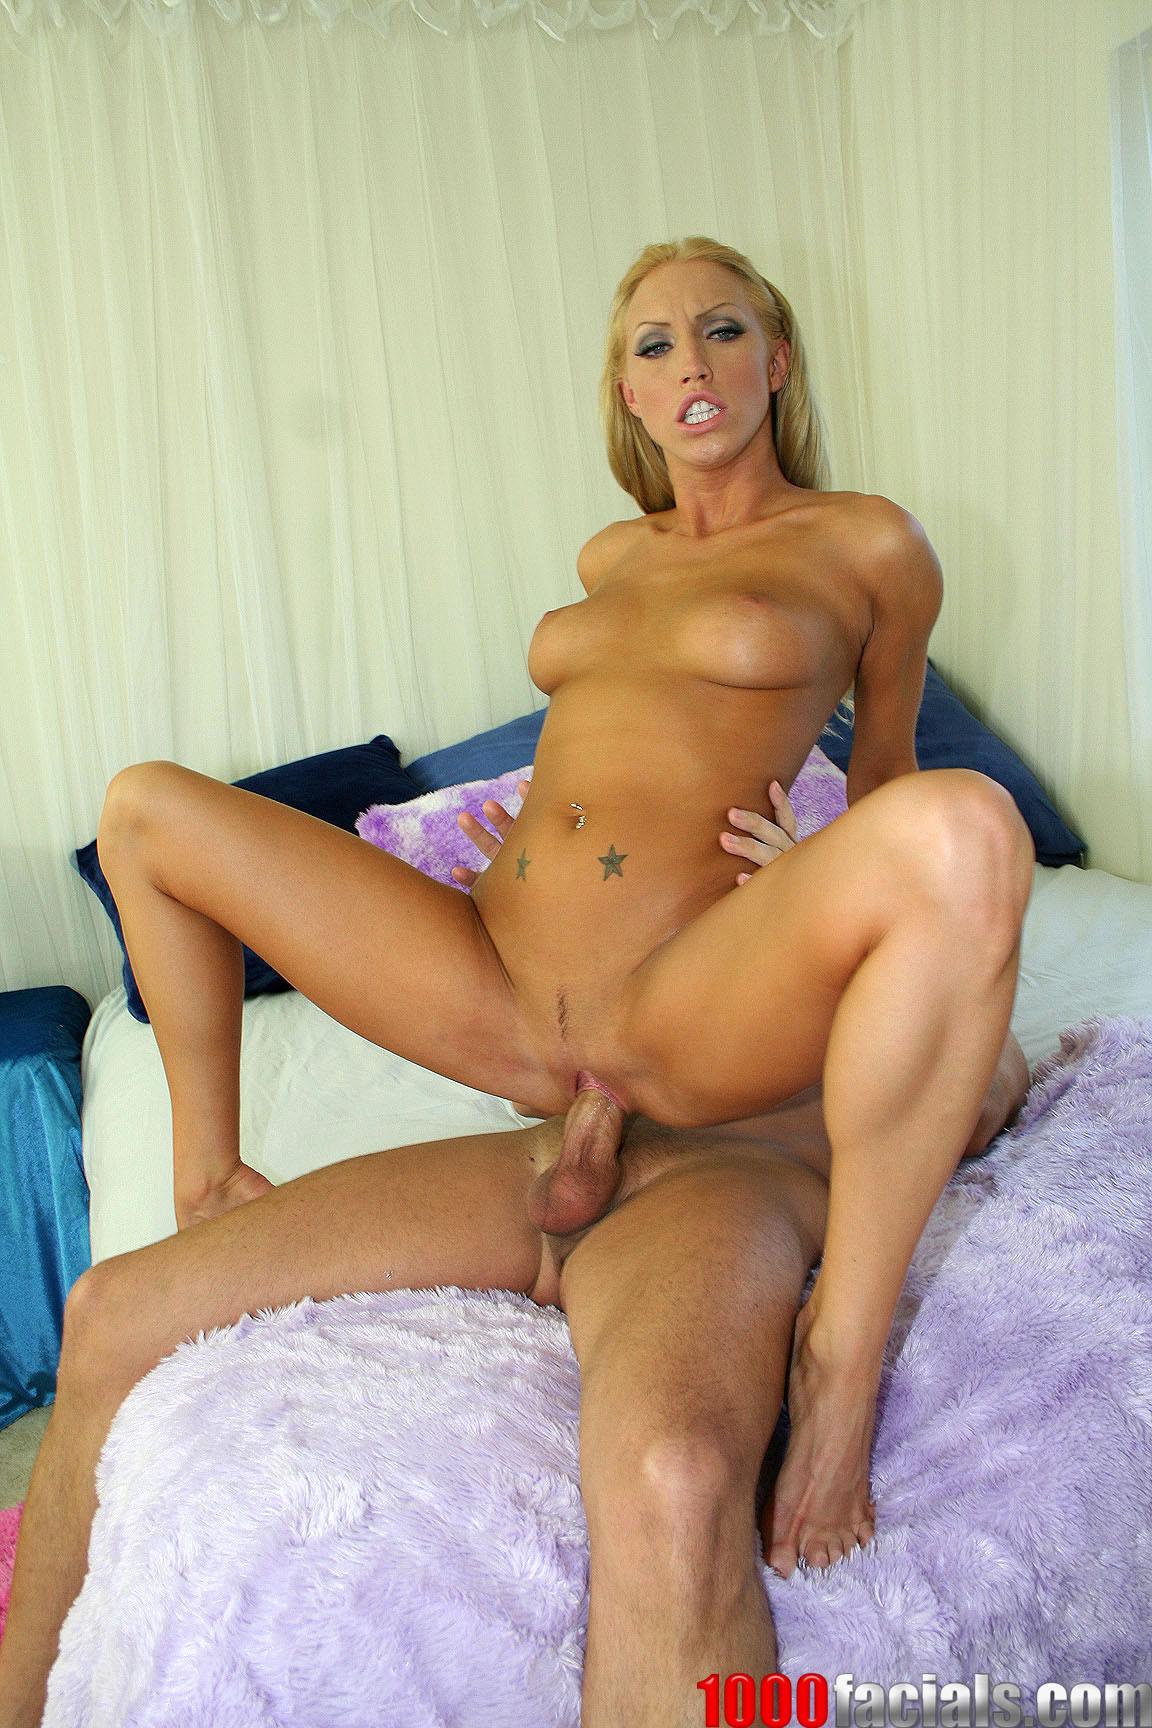 Cassie porn star charming